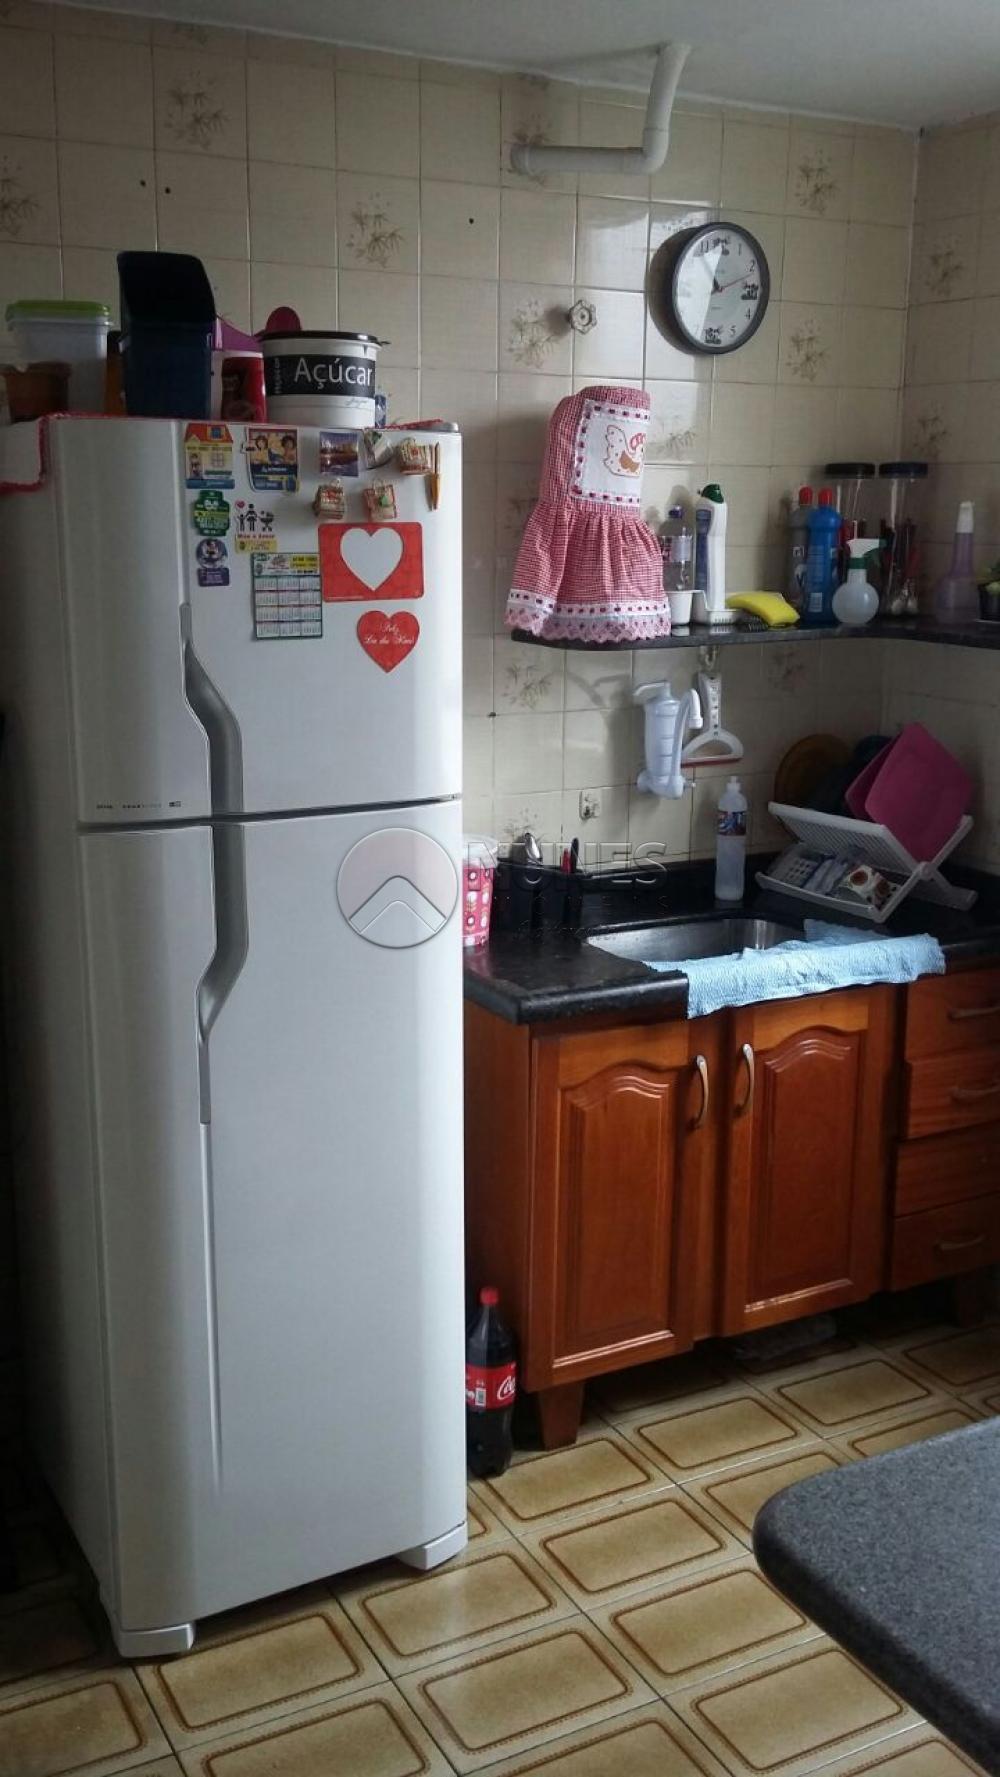 Comprar Apartamento / Padrão em Carapicuíba apenas R$ 150.000,00 - Foto 5